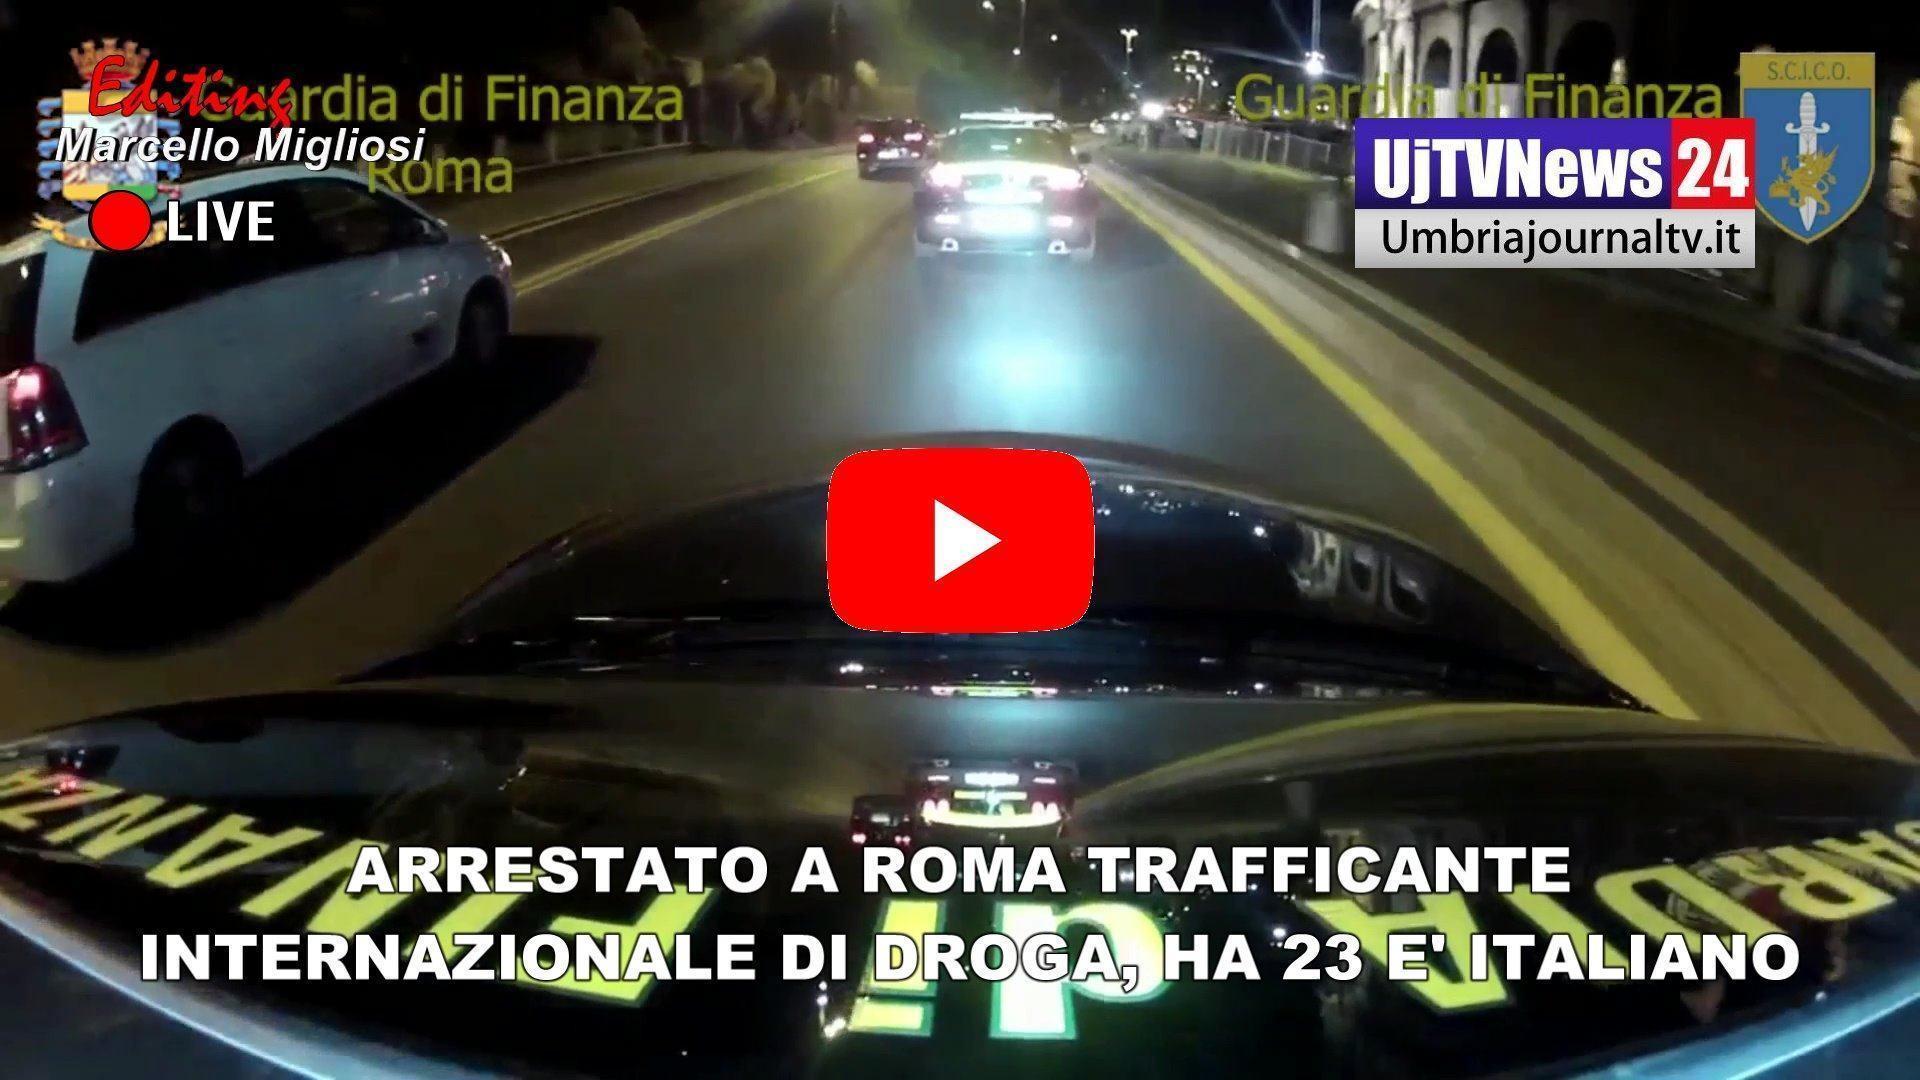 Traffico internazionale di droga, arrestato a Roma un 23enne, sequestrati 3 chili di stupefacente